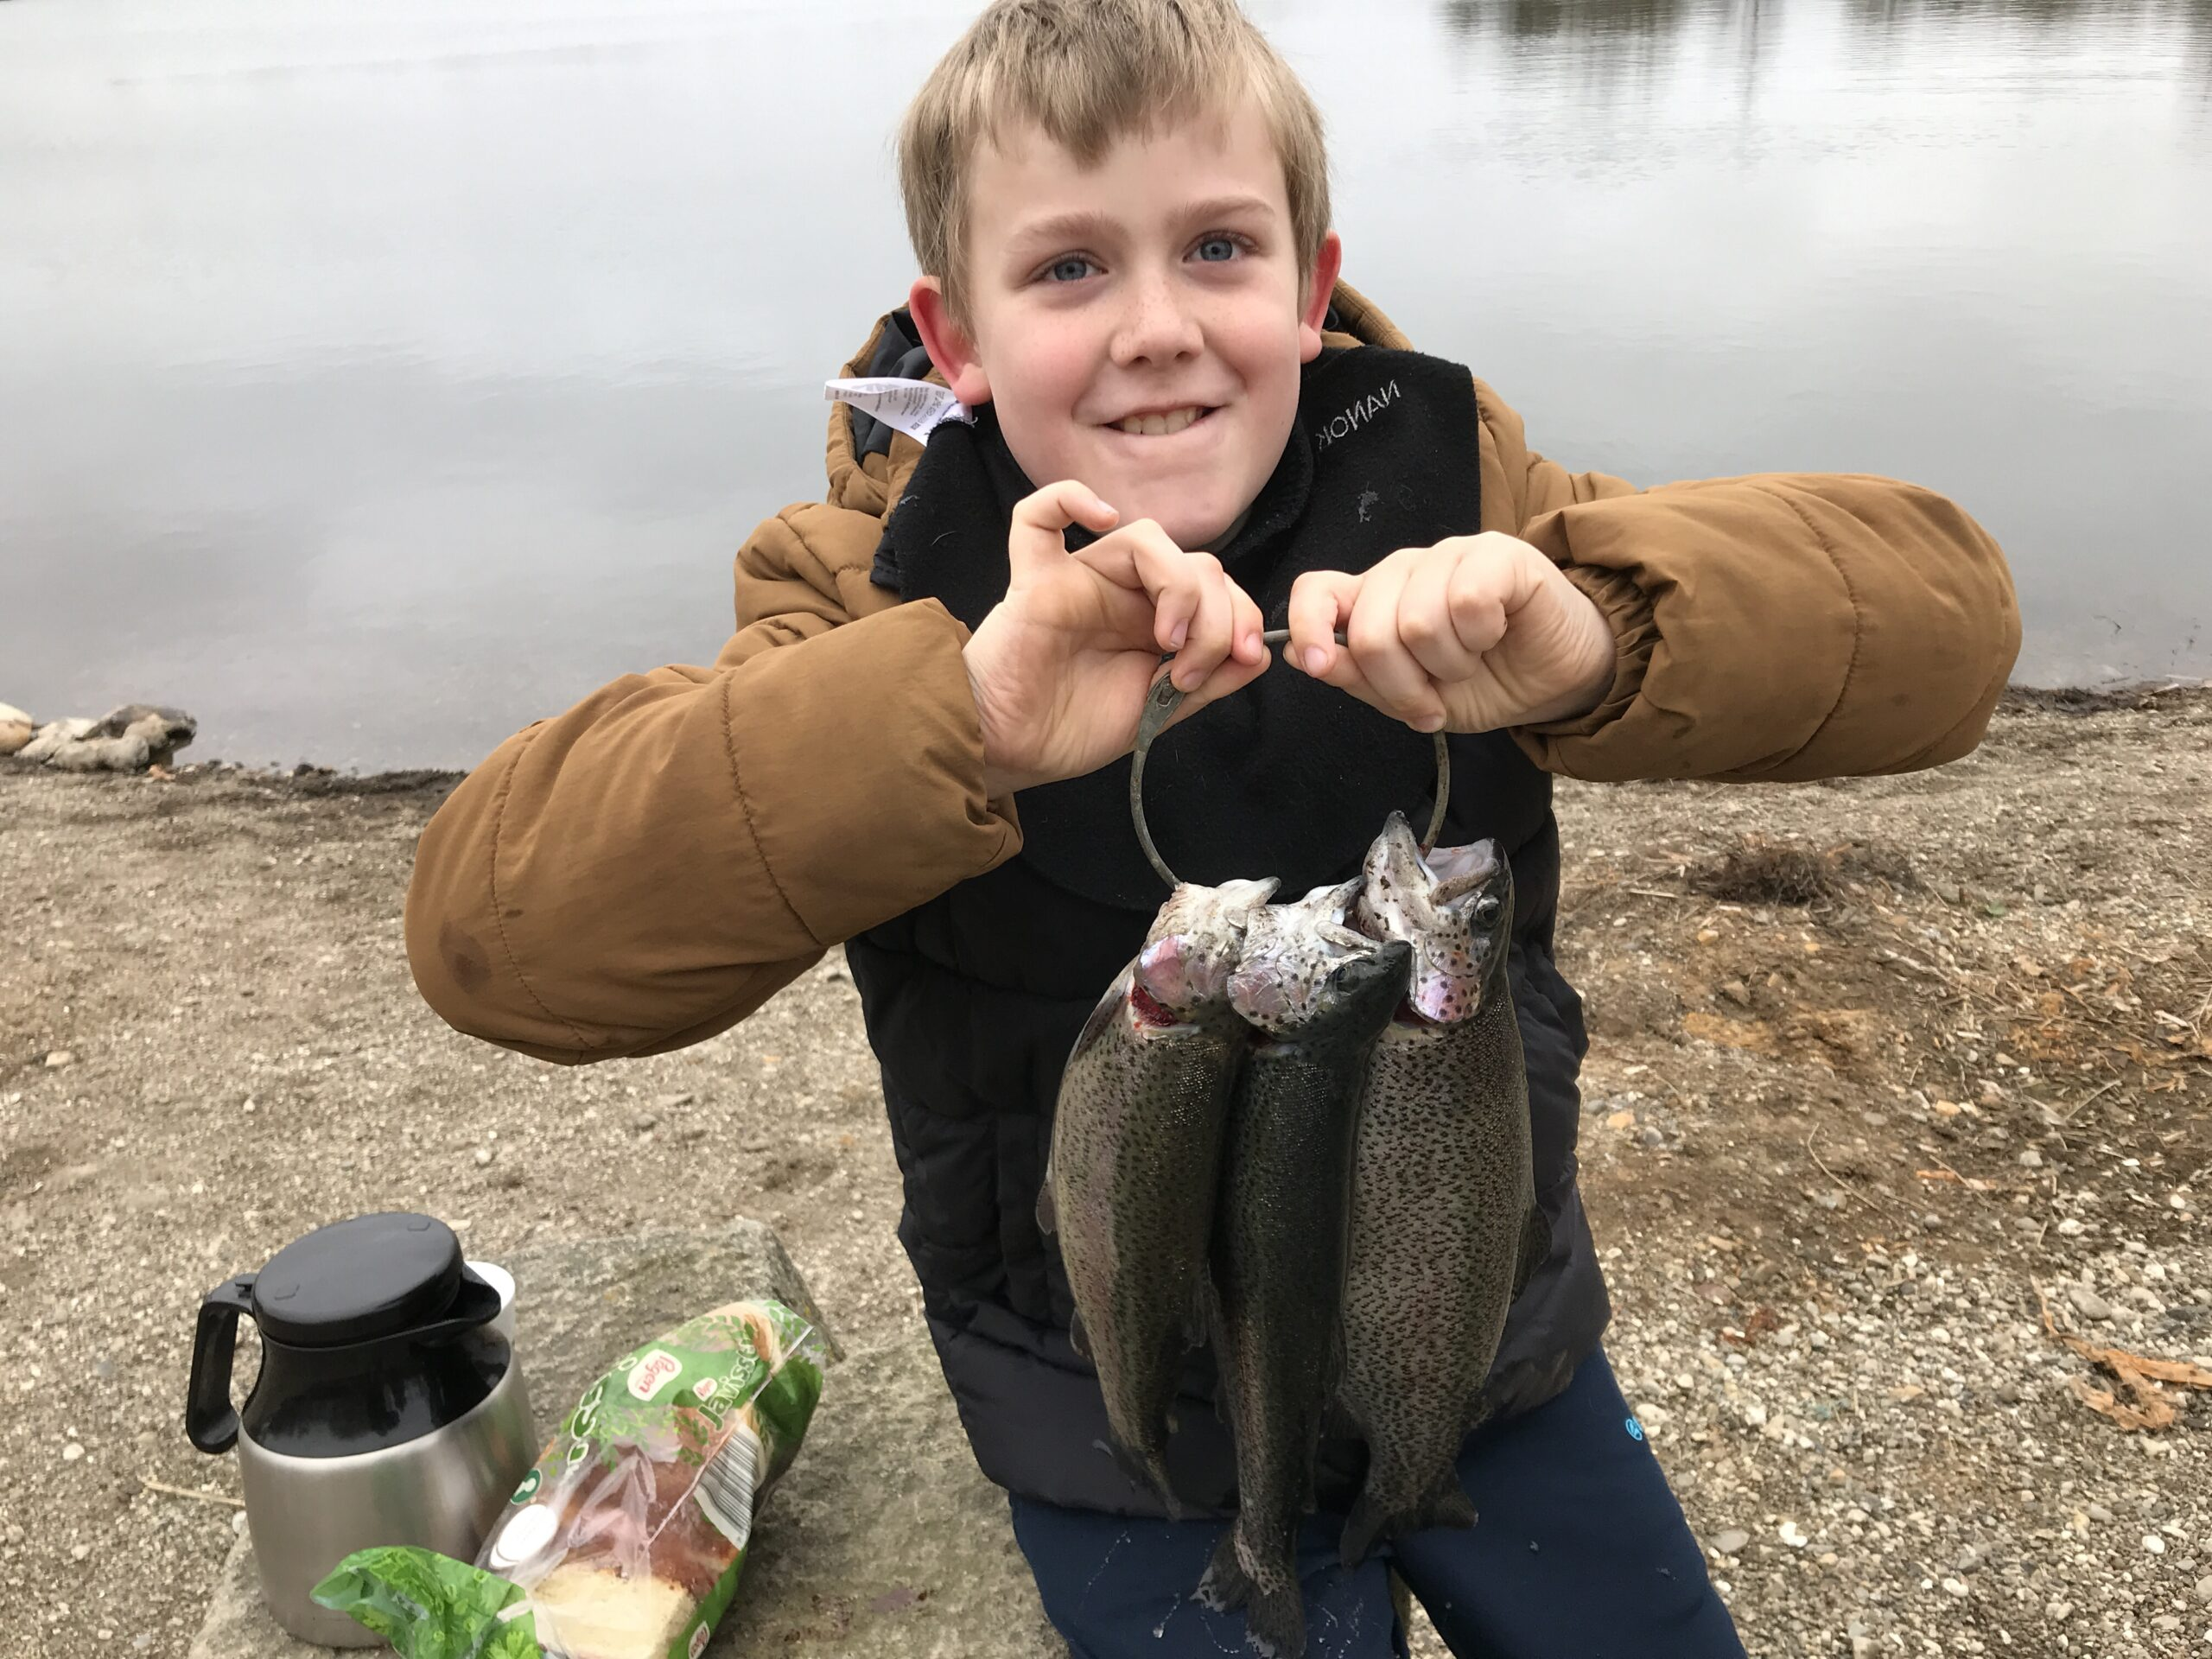 Påskesøndag: Tobias fra Tønder fangede aftensmaden